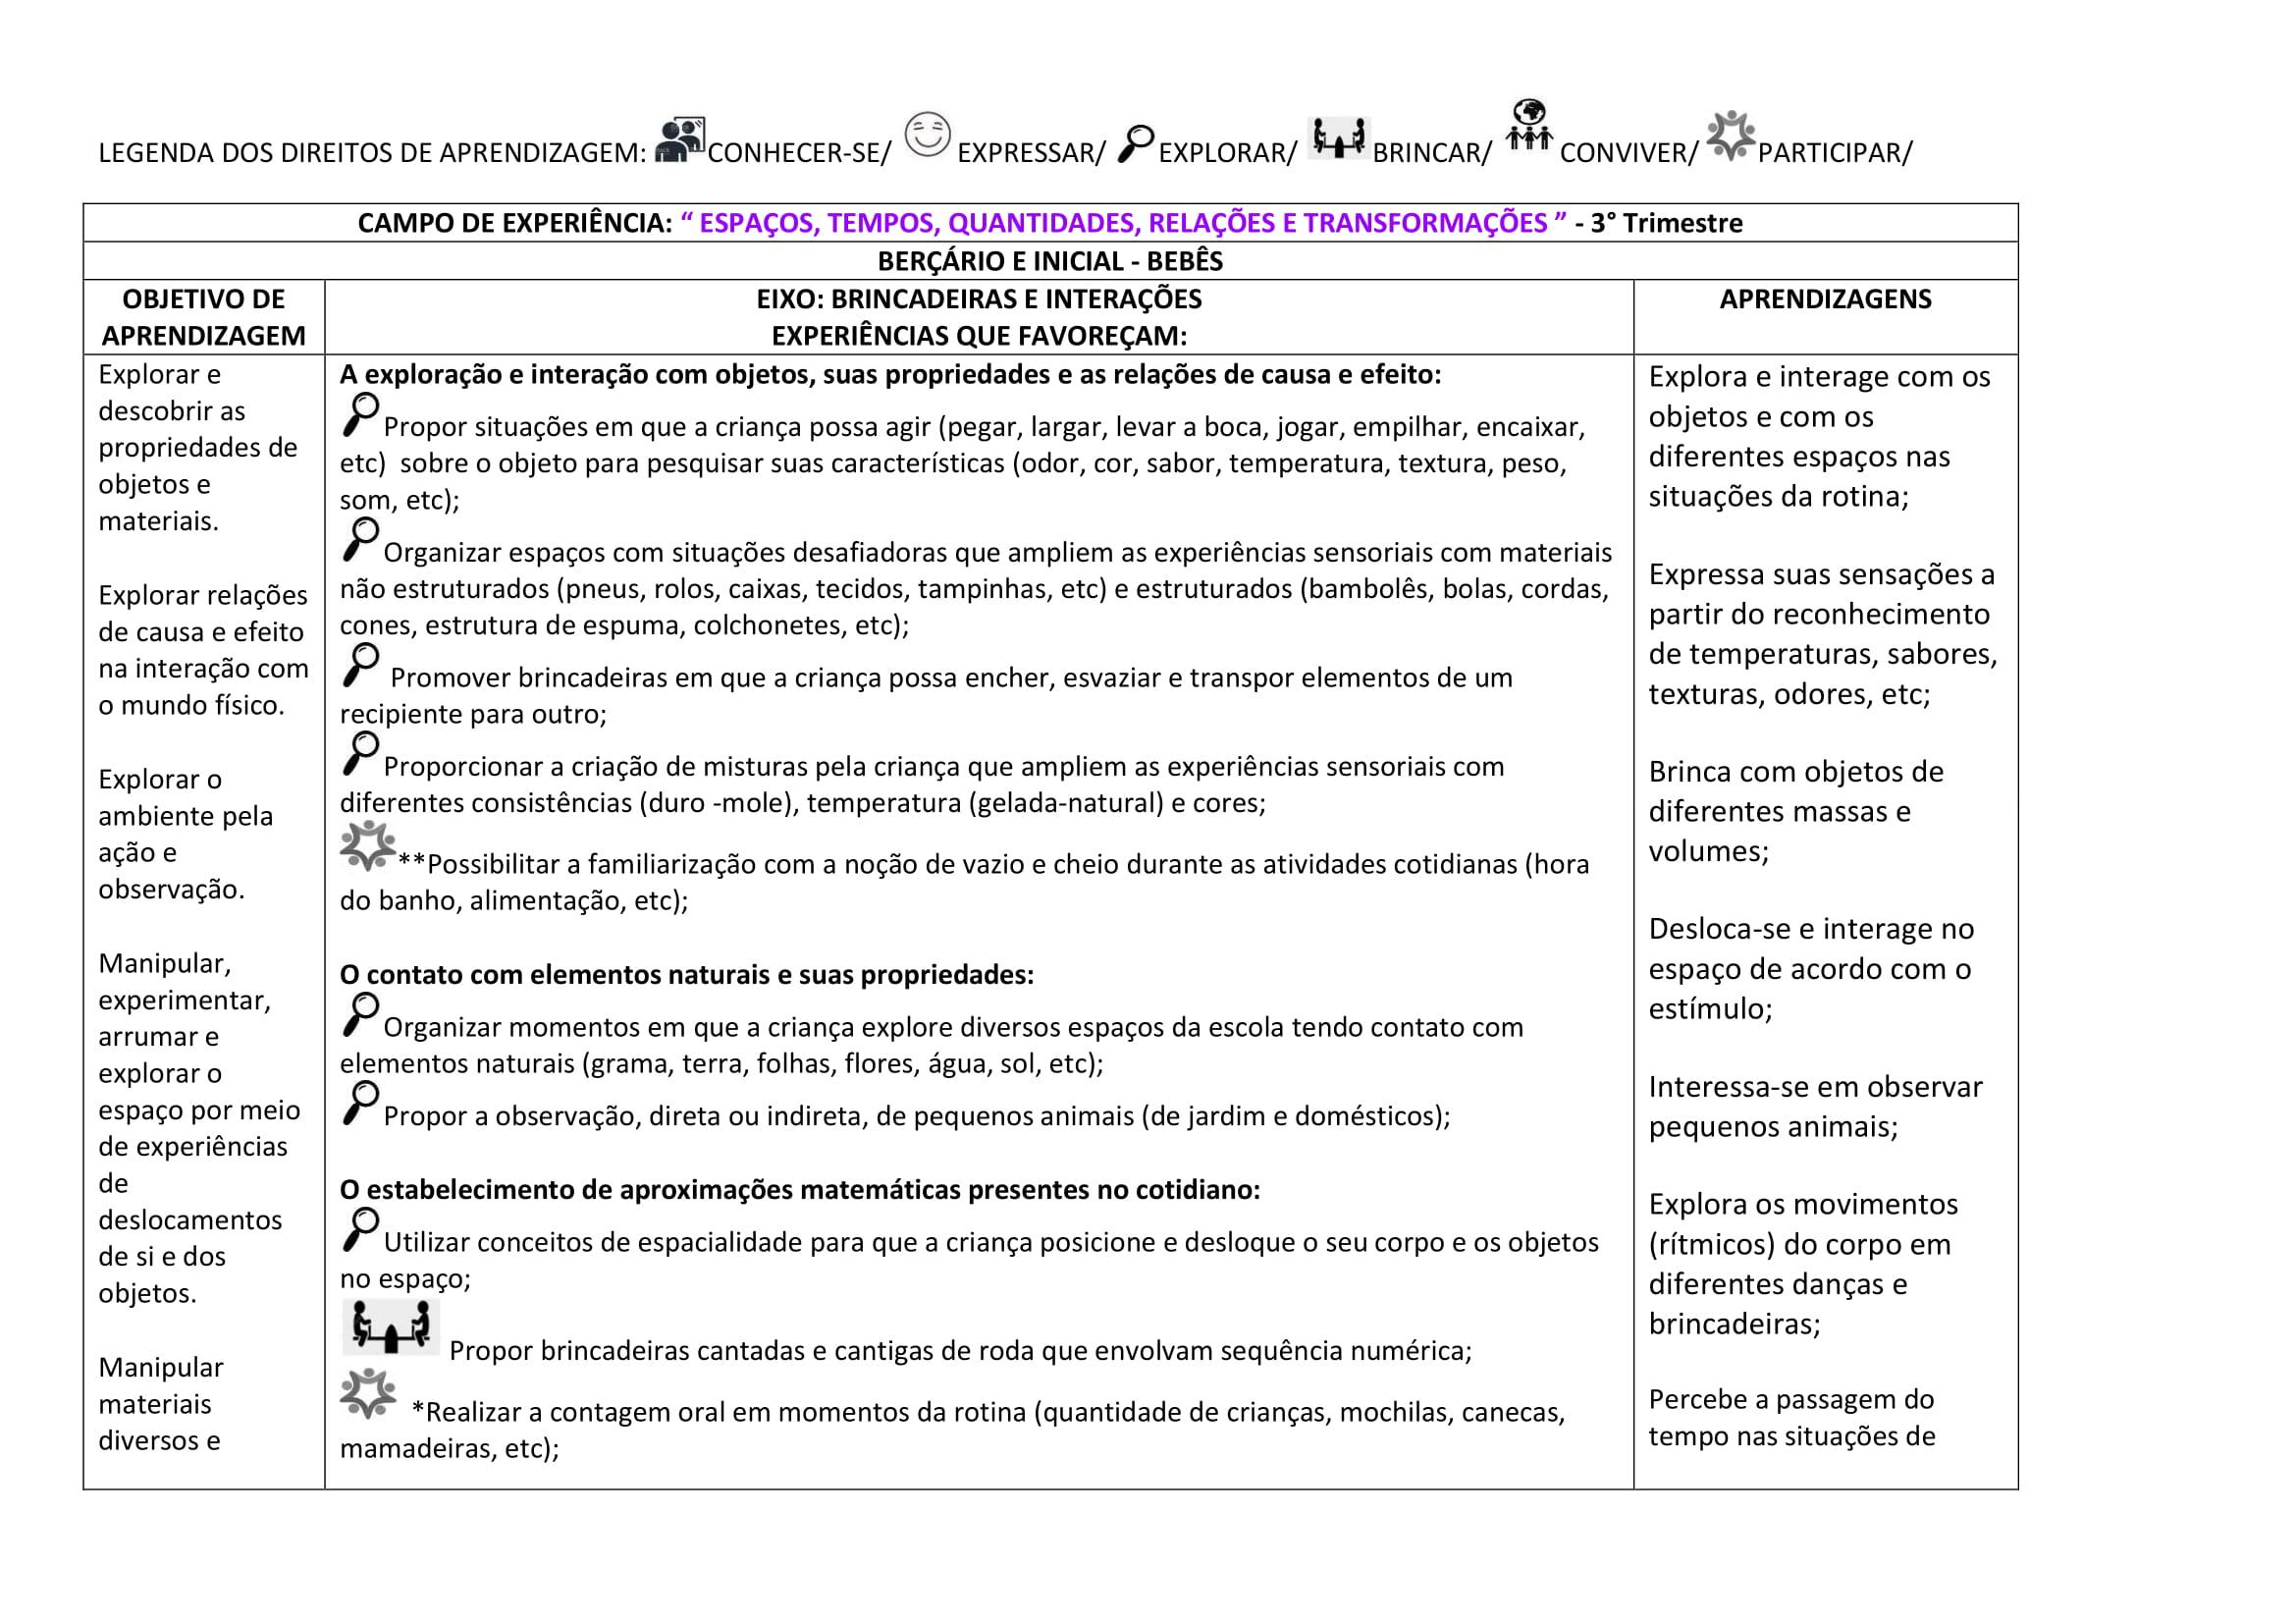 Berçário-e-Inicial-27